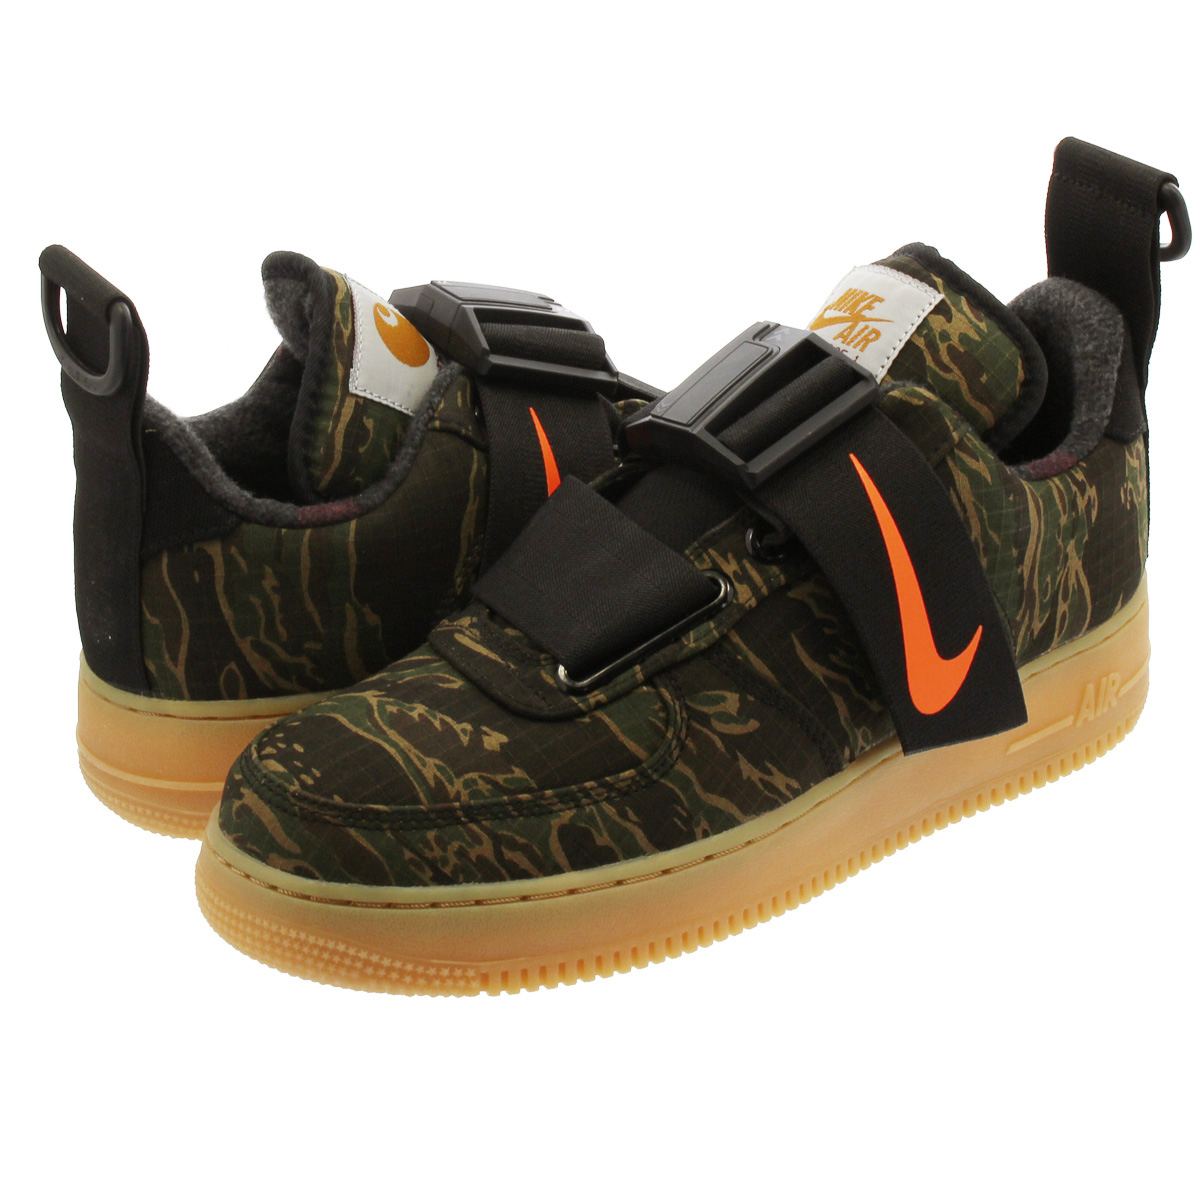 hot sale online 11f3b 405d6 NIKE AIR FORCE 1 MID  07 LV8 UTILITY Nike air force 1 mid  07 LV8 utility  OBSIDIAN BLACK TOUR YELLOW WHITE av4112-300